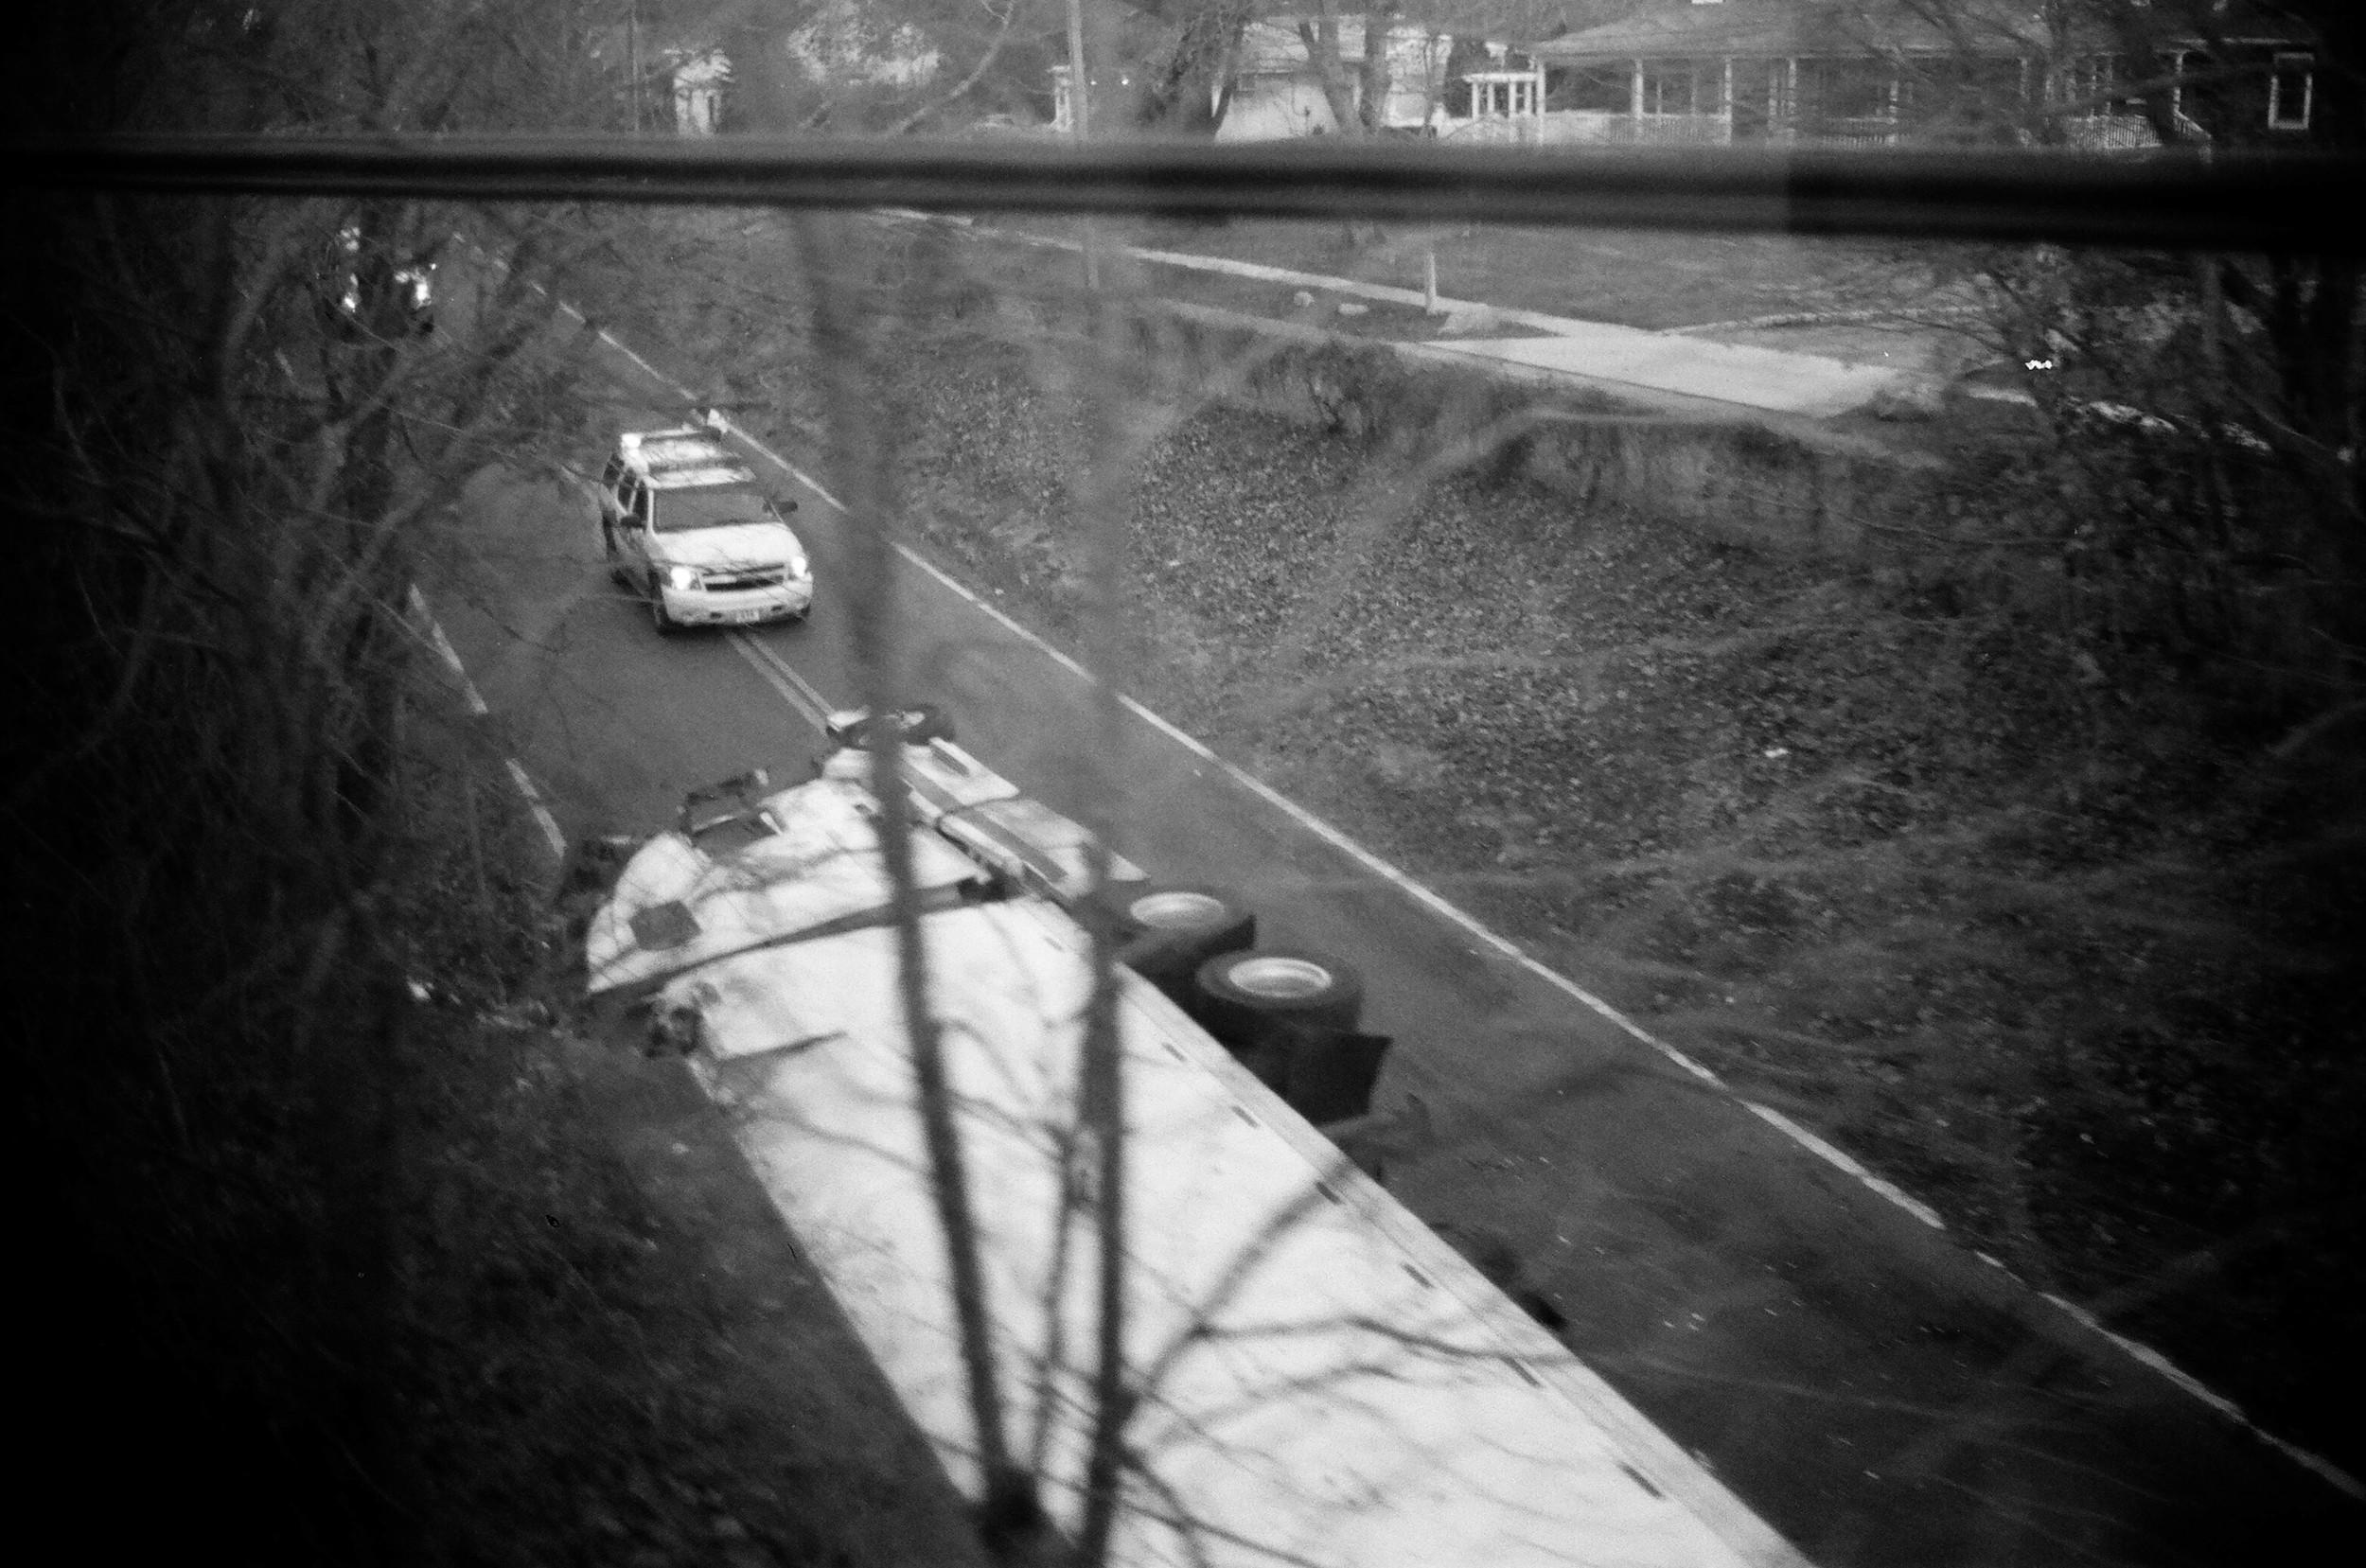 35mm film.